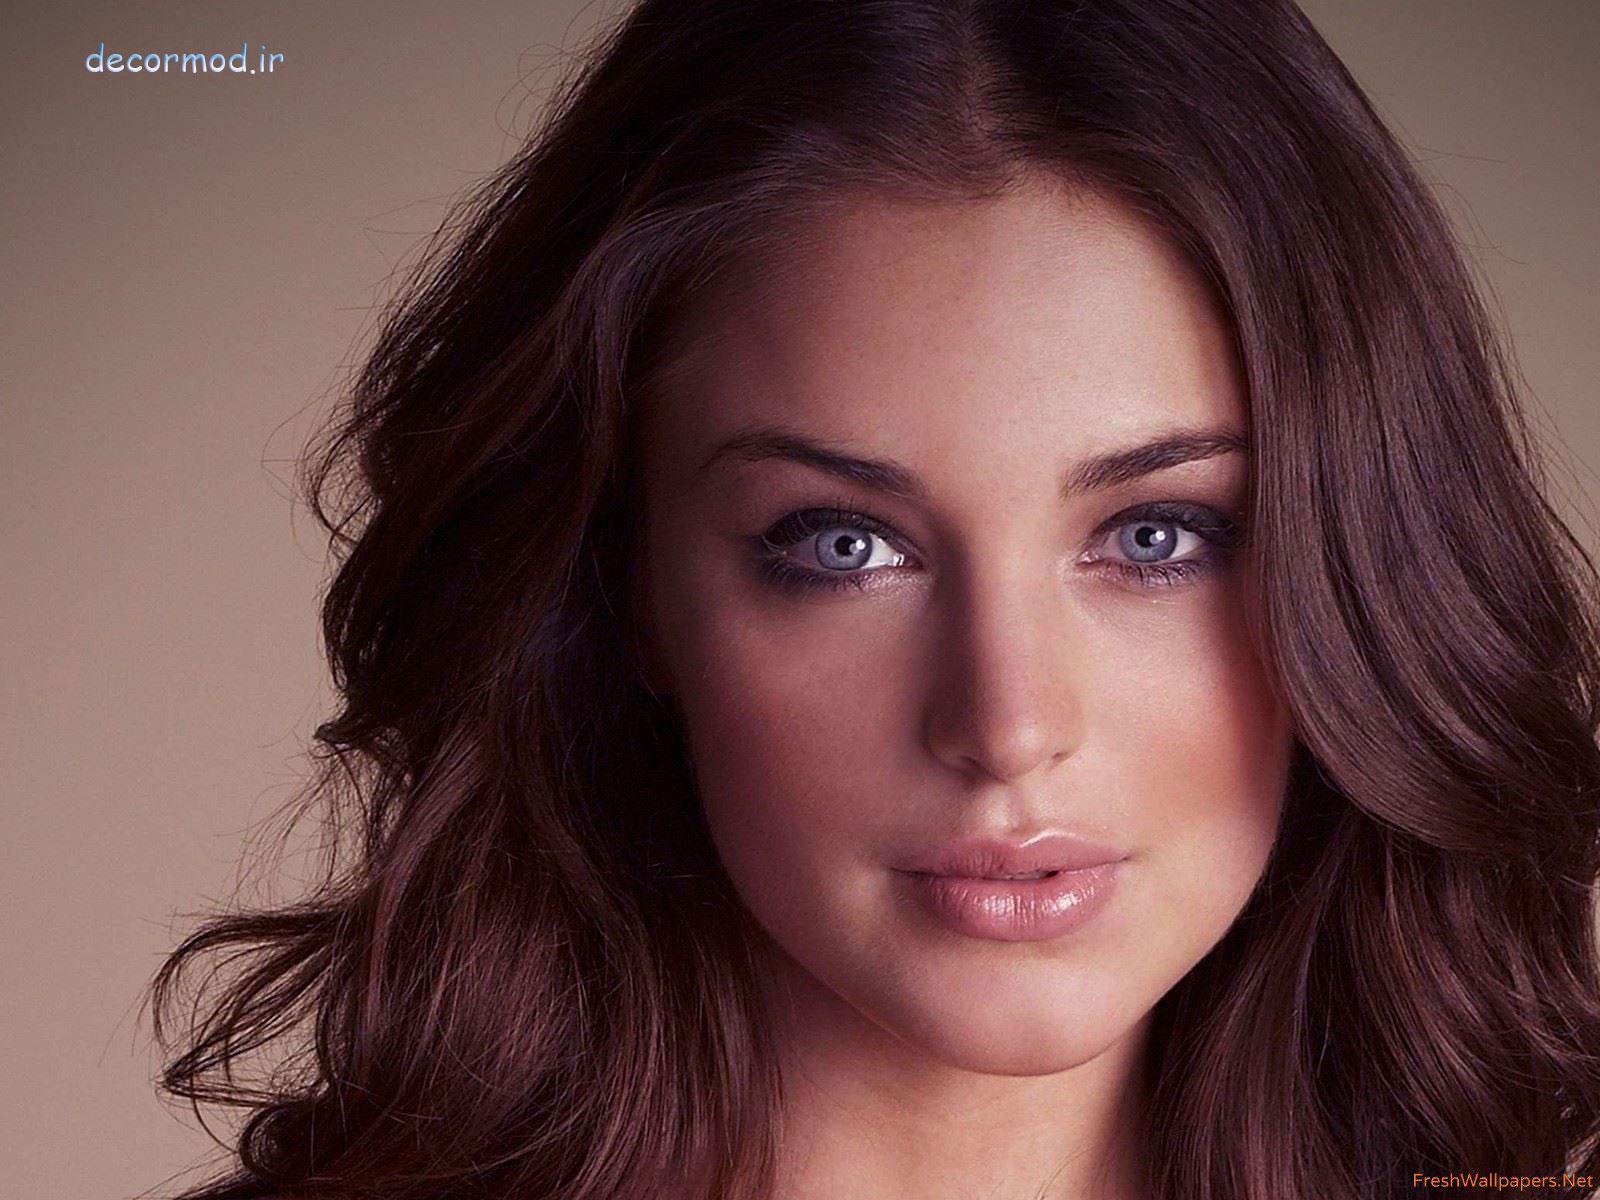 زنان زیبا 5